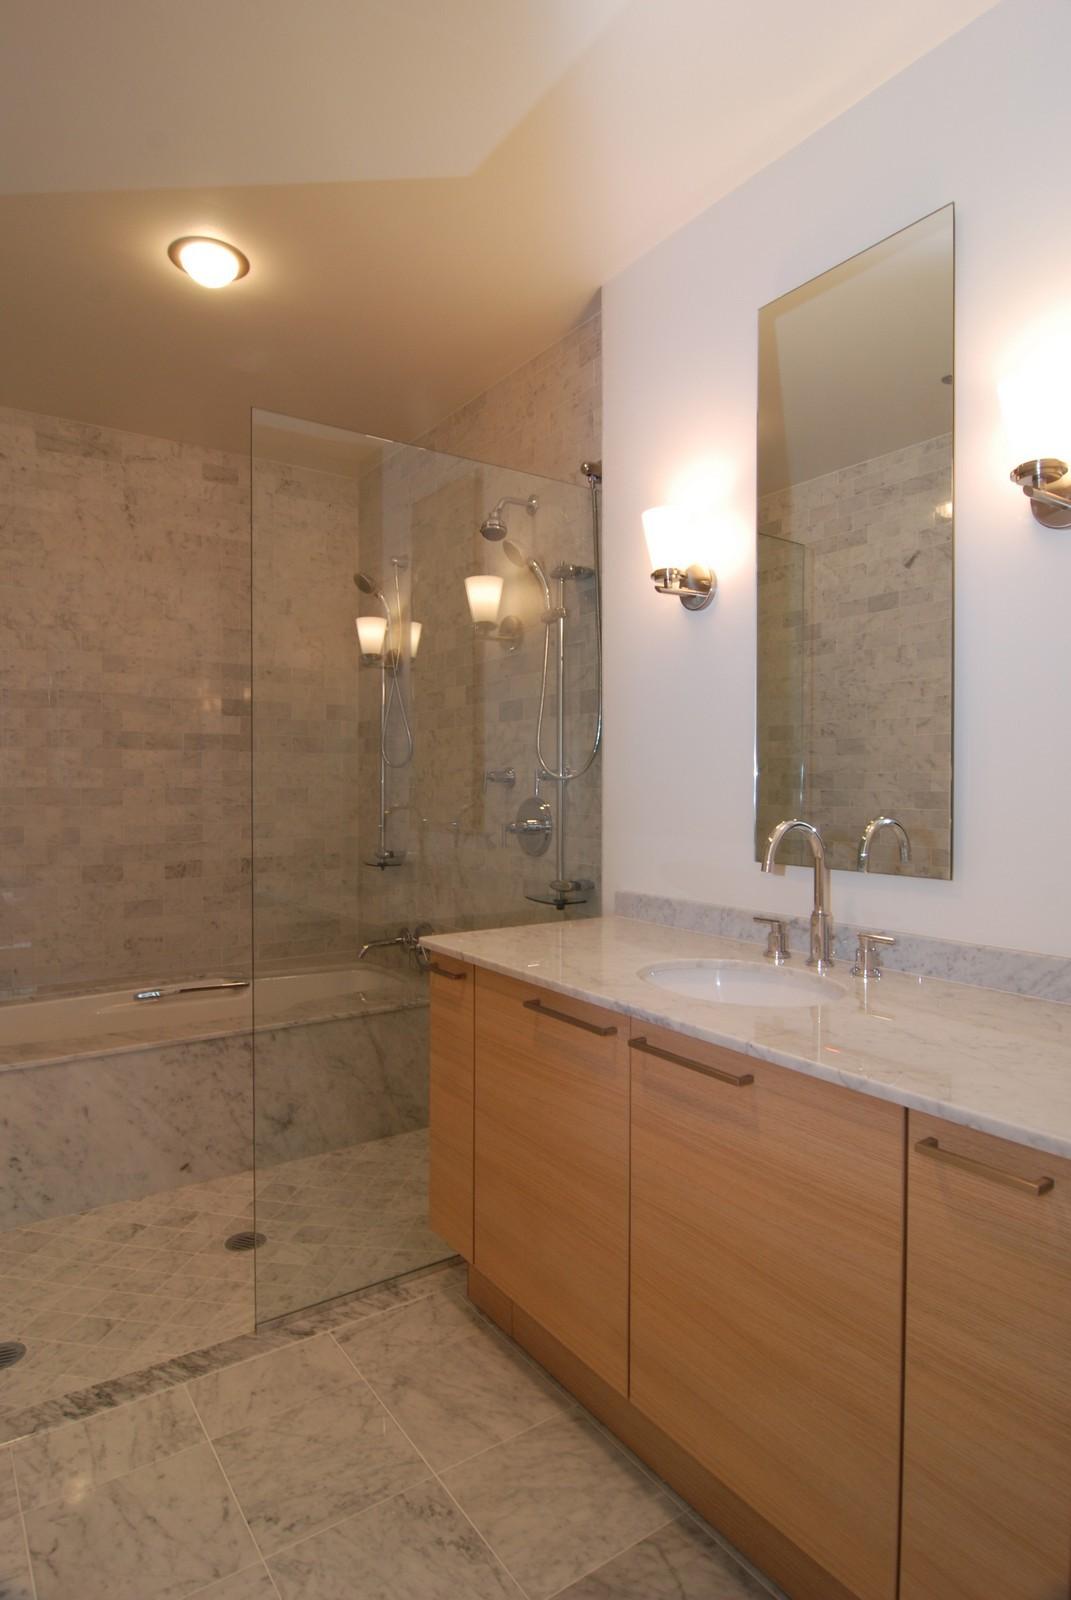 Real Estate Photography - 10 E Delaware Ave, Chicago, IL, 60610 - Bathroom